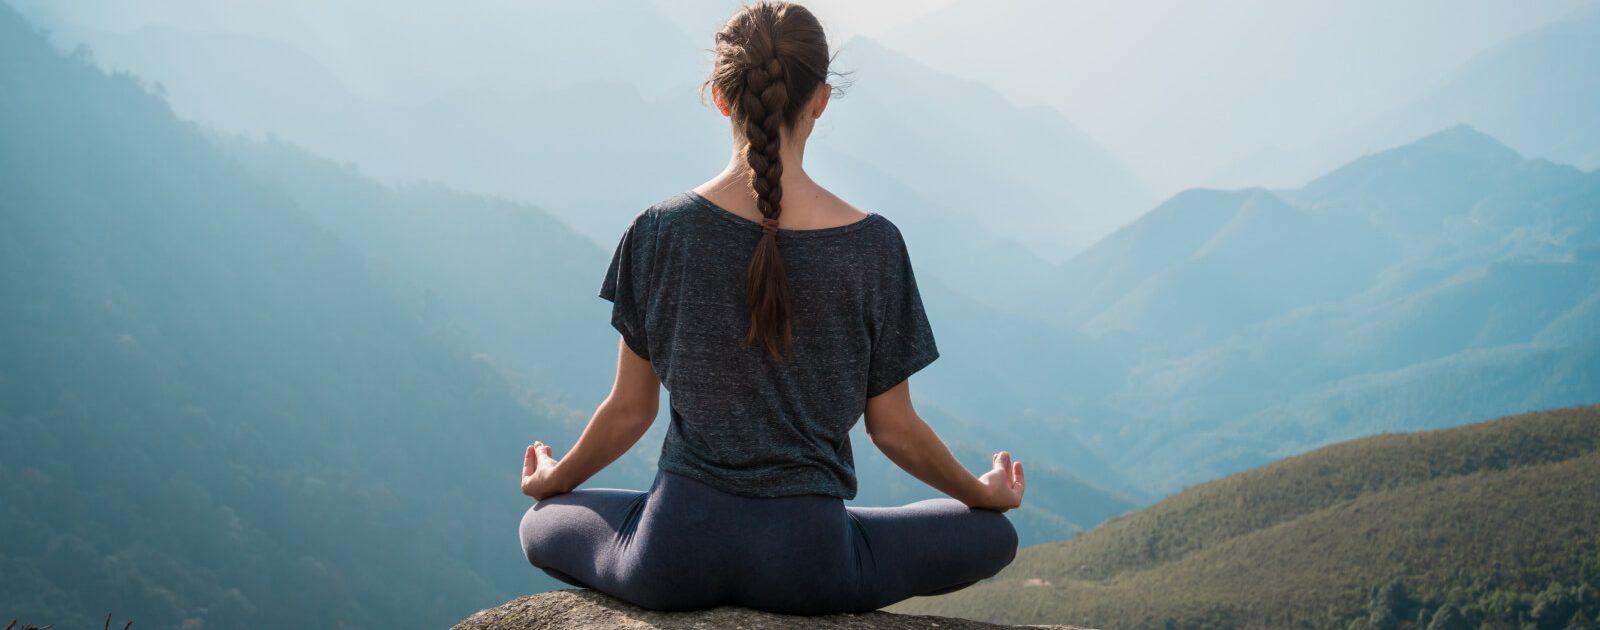 Frau macht in der Natur Yoga gegen Rückenschmerzen.